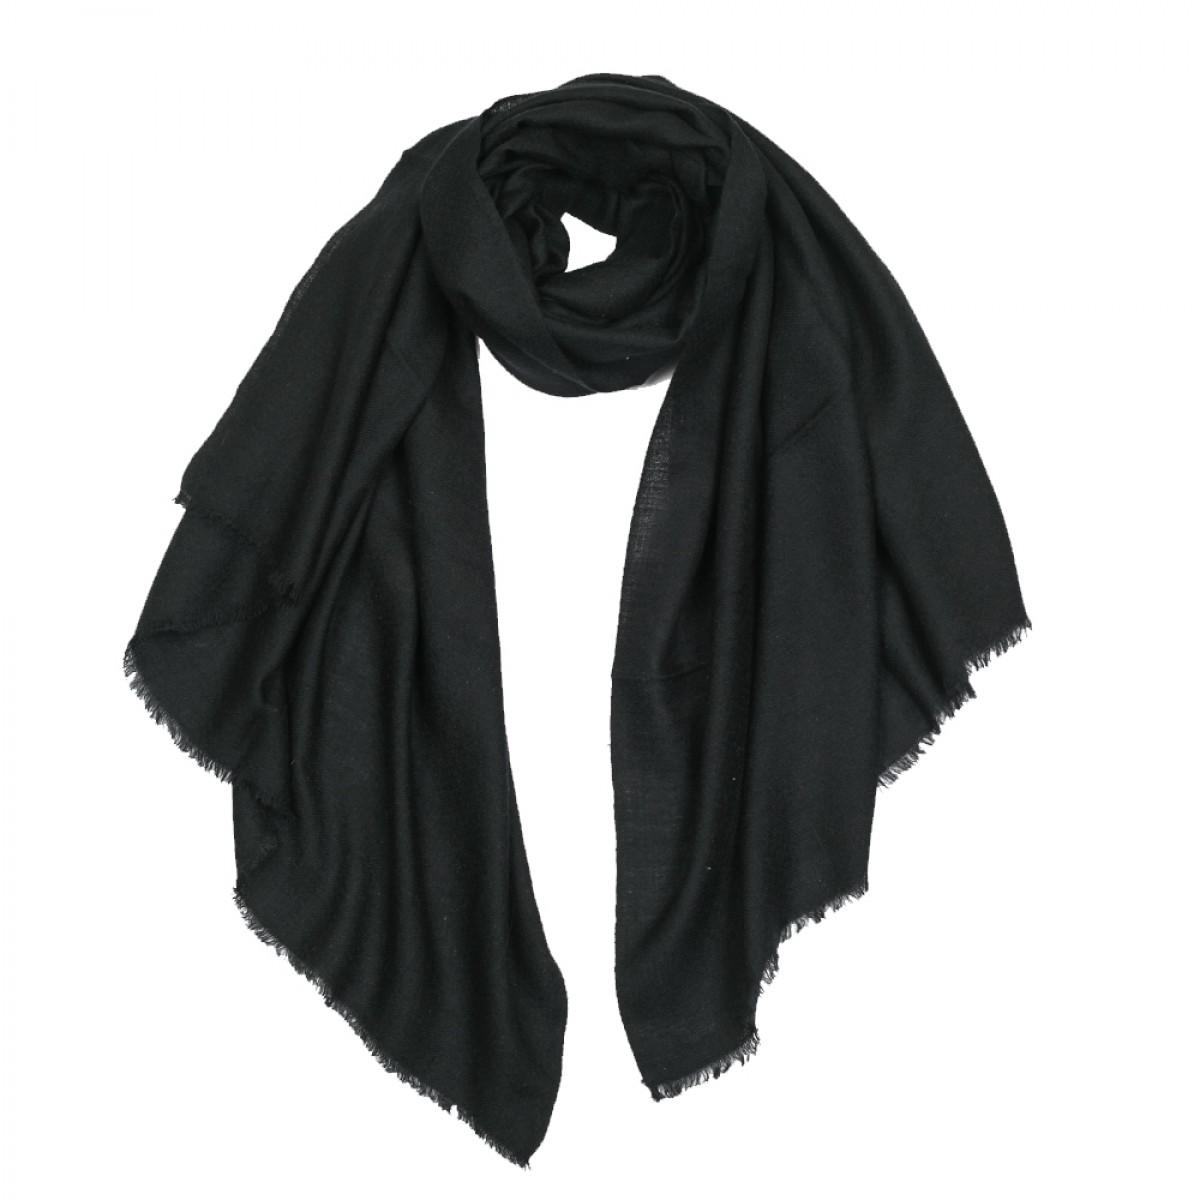 Plain Pashmina Stole Diamond Weave - Black